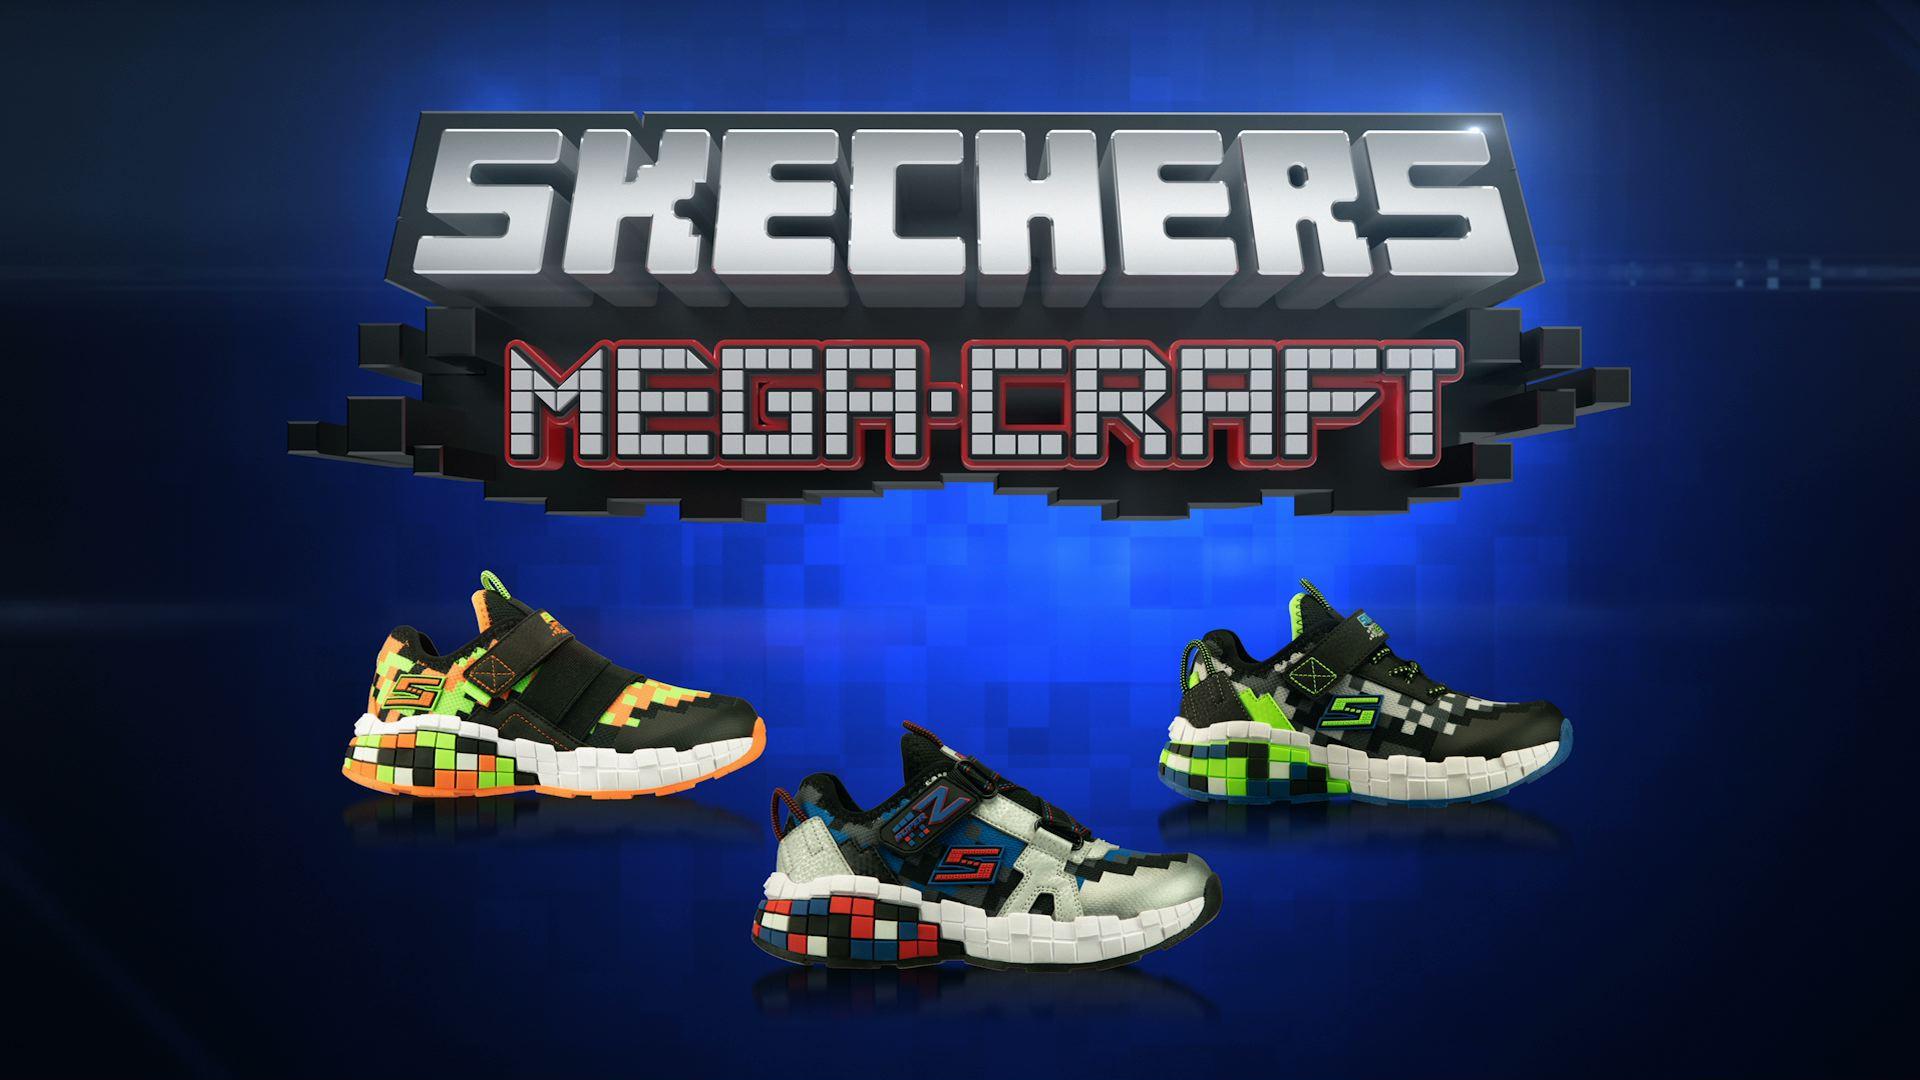 zapatos skechers 2018 new episode queens